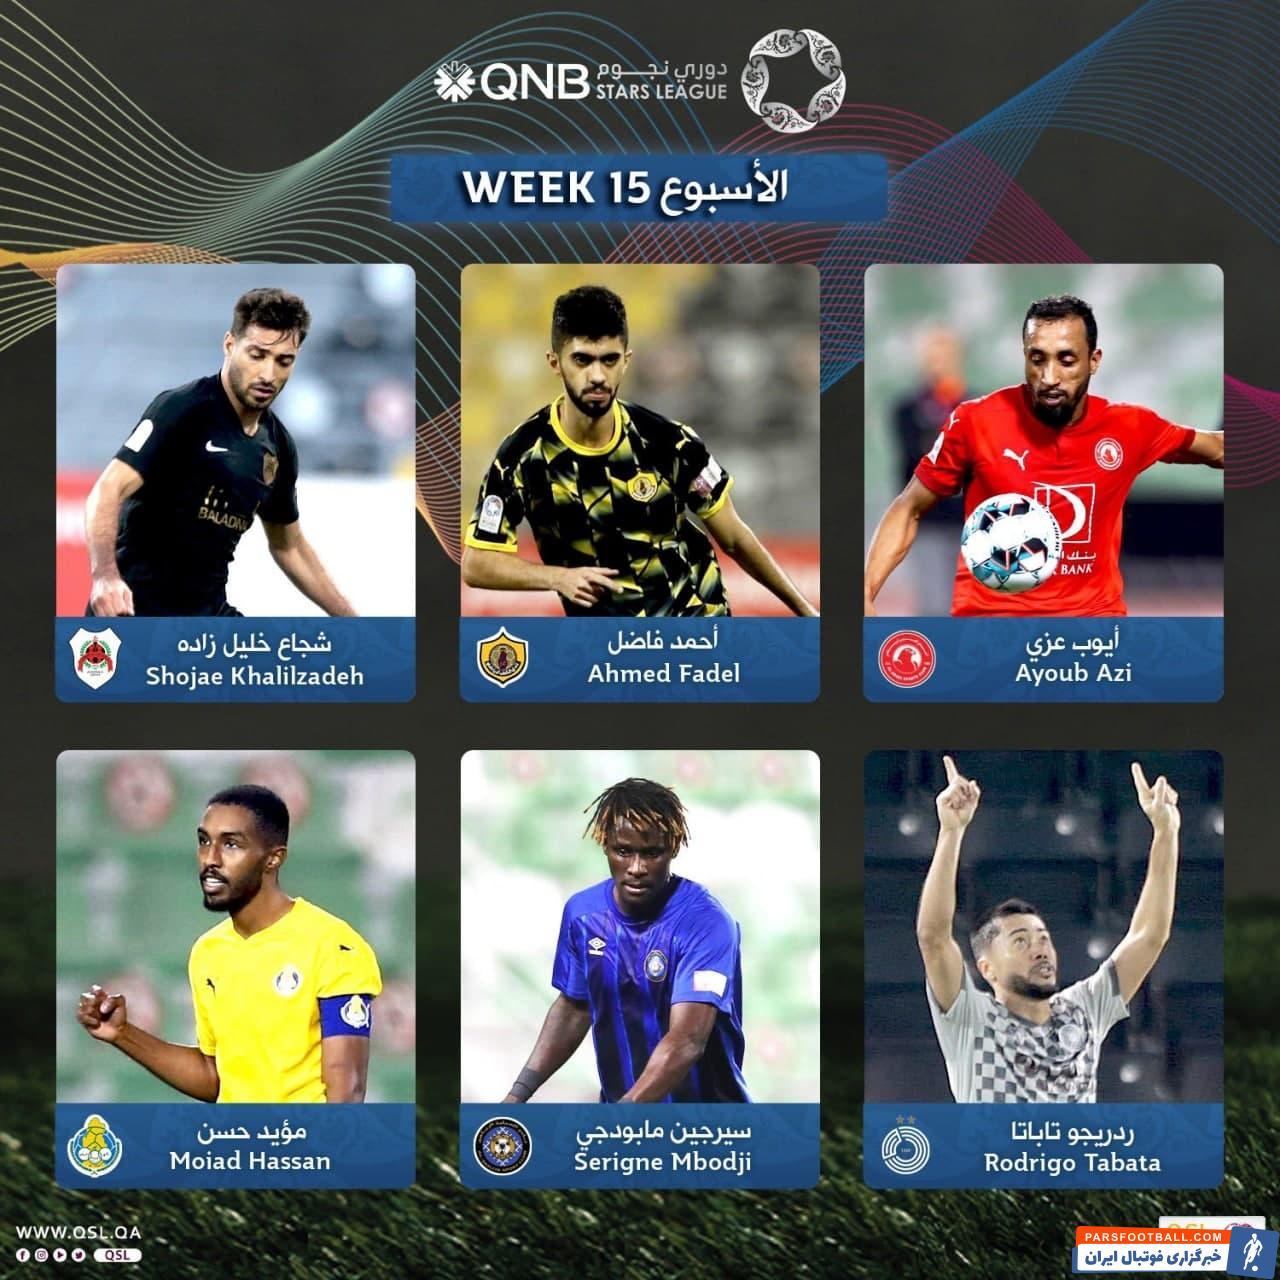 شجاع خلیل زاده کاندید بهترین بازیکن هفته 15 لیگ ستارگان قطر